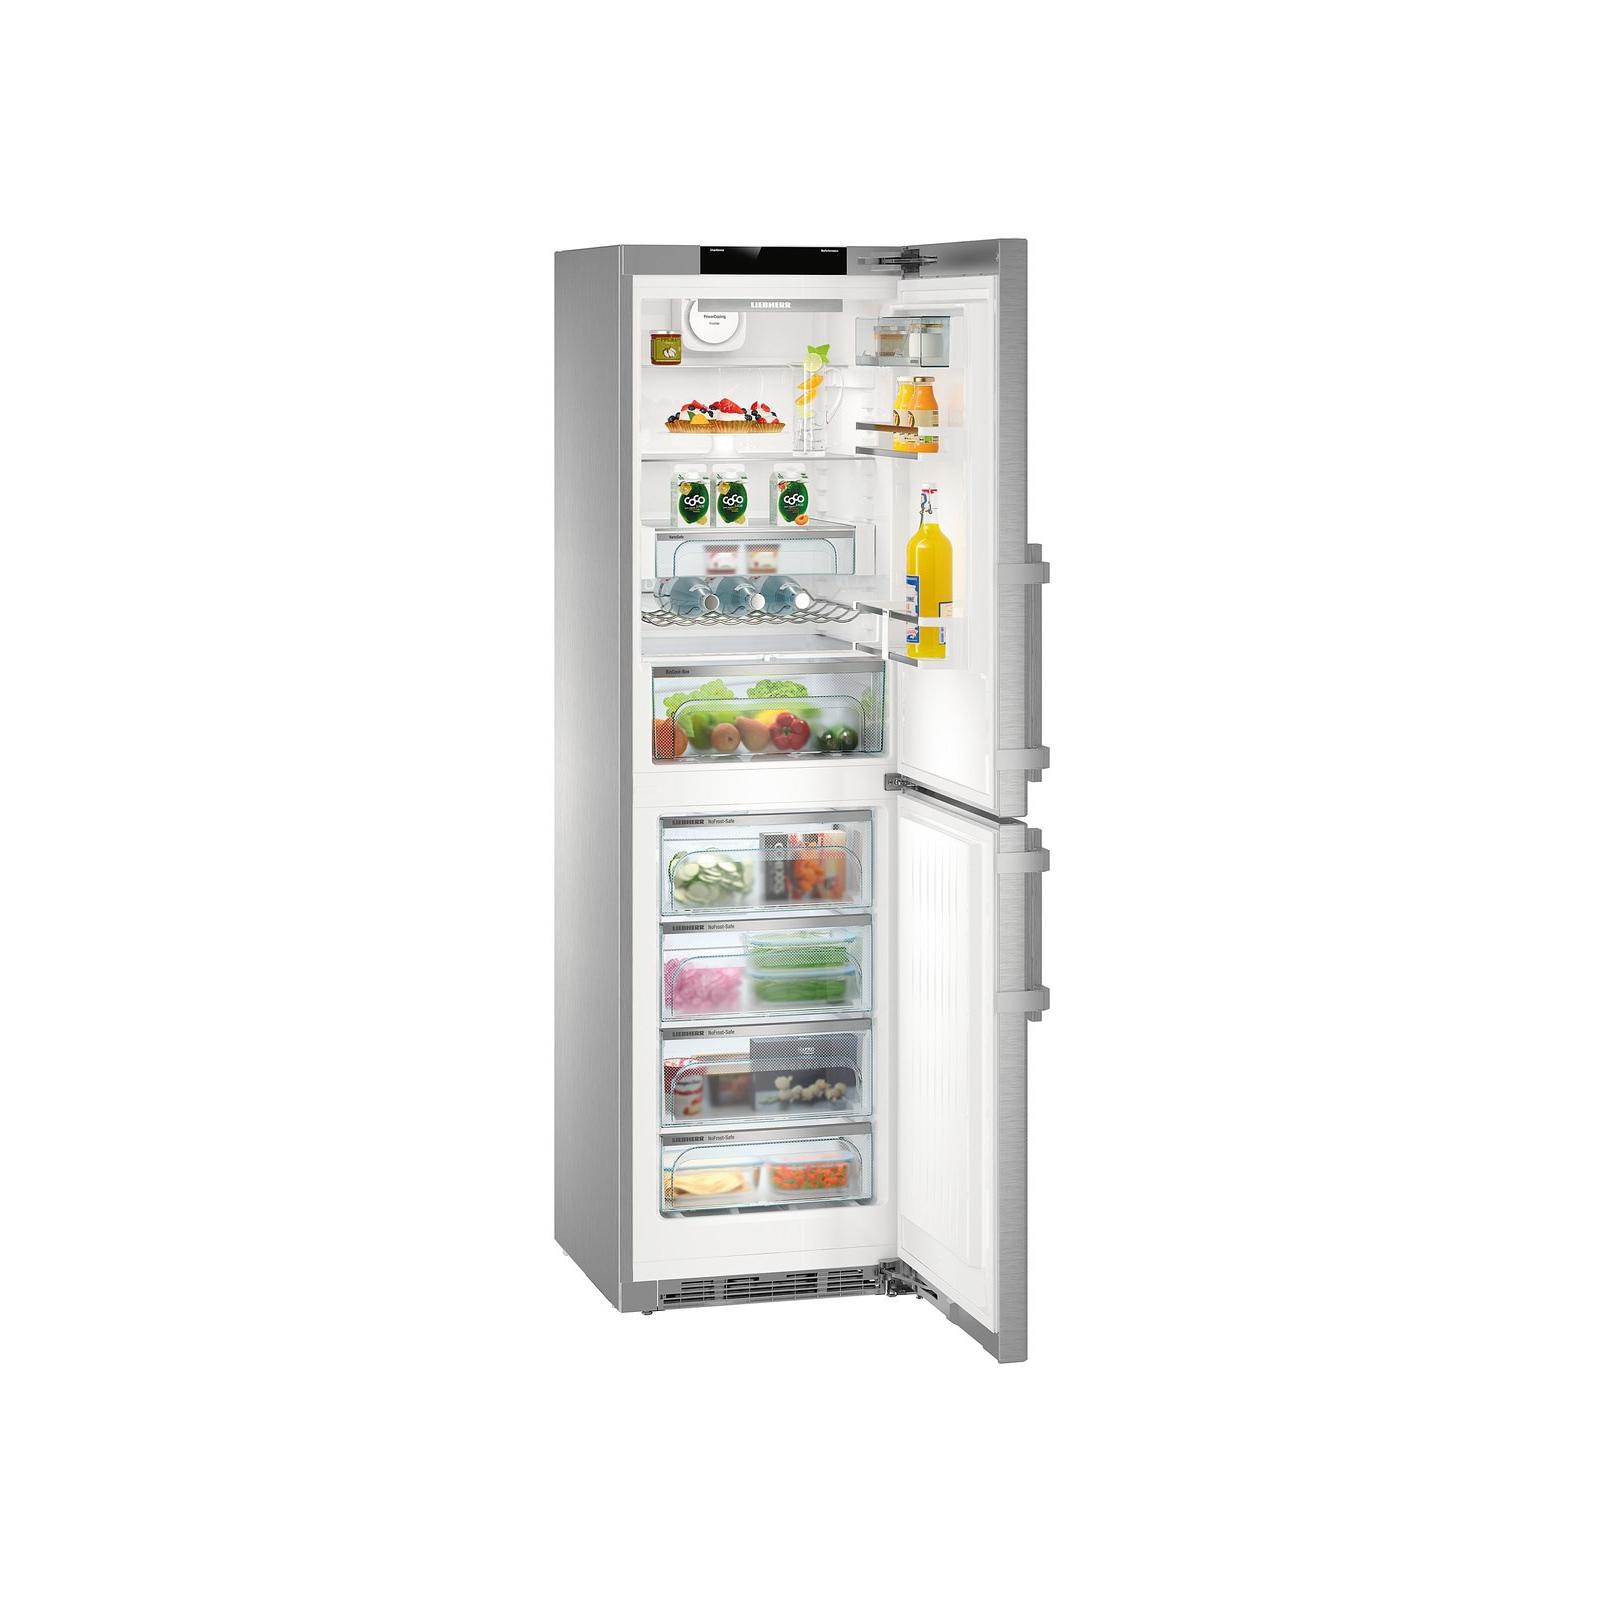 Холодильник Liebherr CNPes 4758 изображение 6